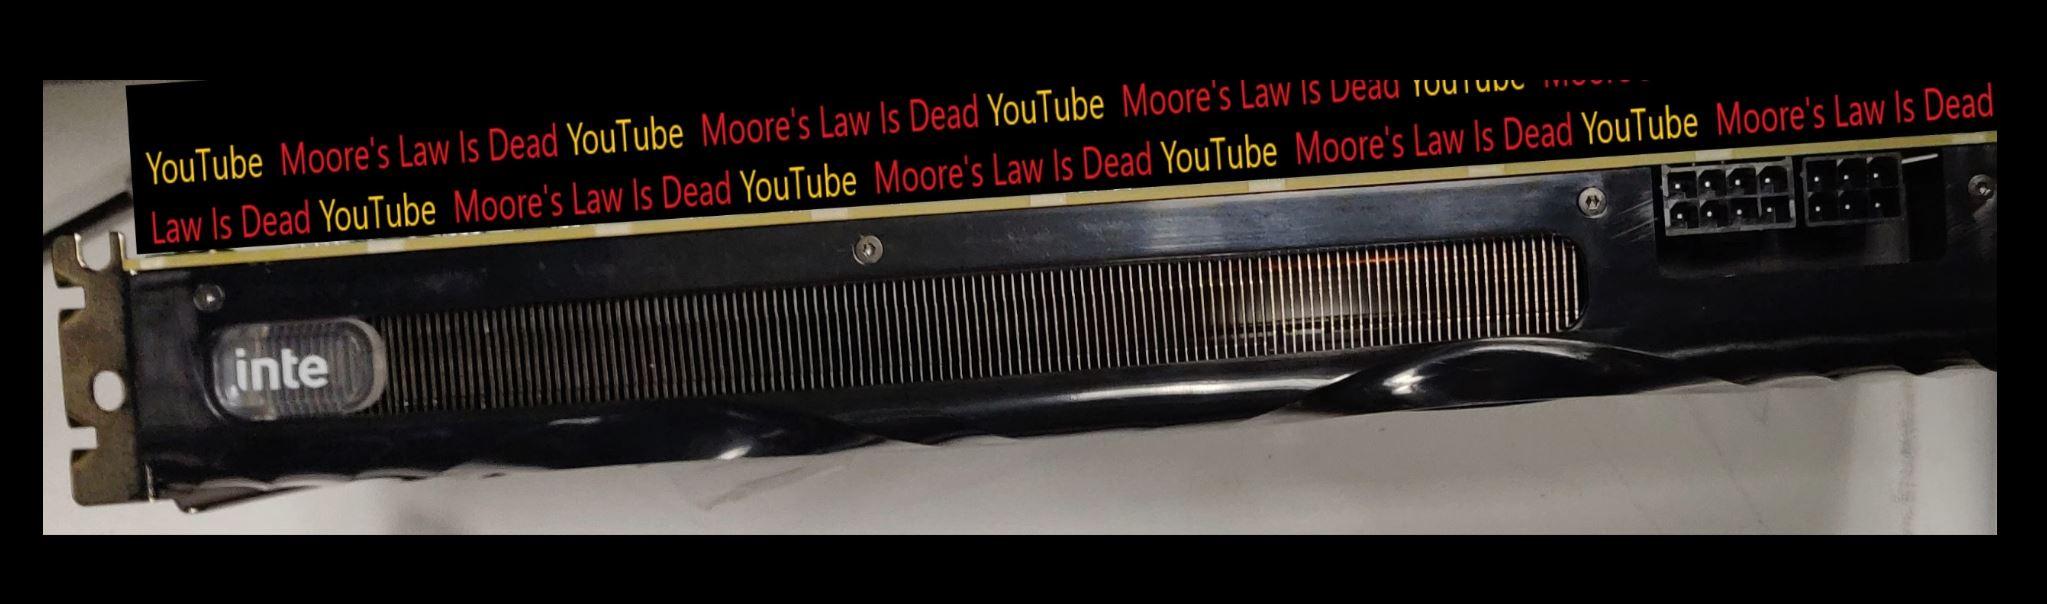 Moore's Law is Dead Intel Xe DG2 Leak